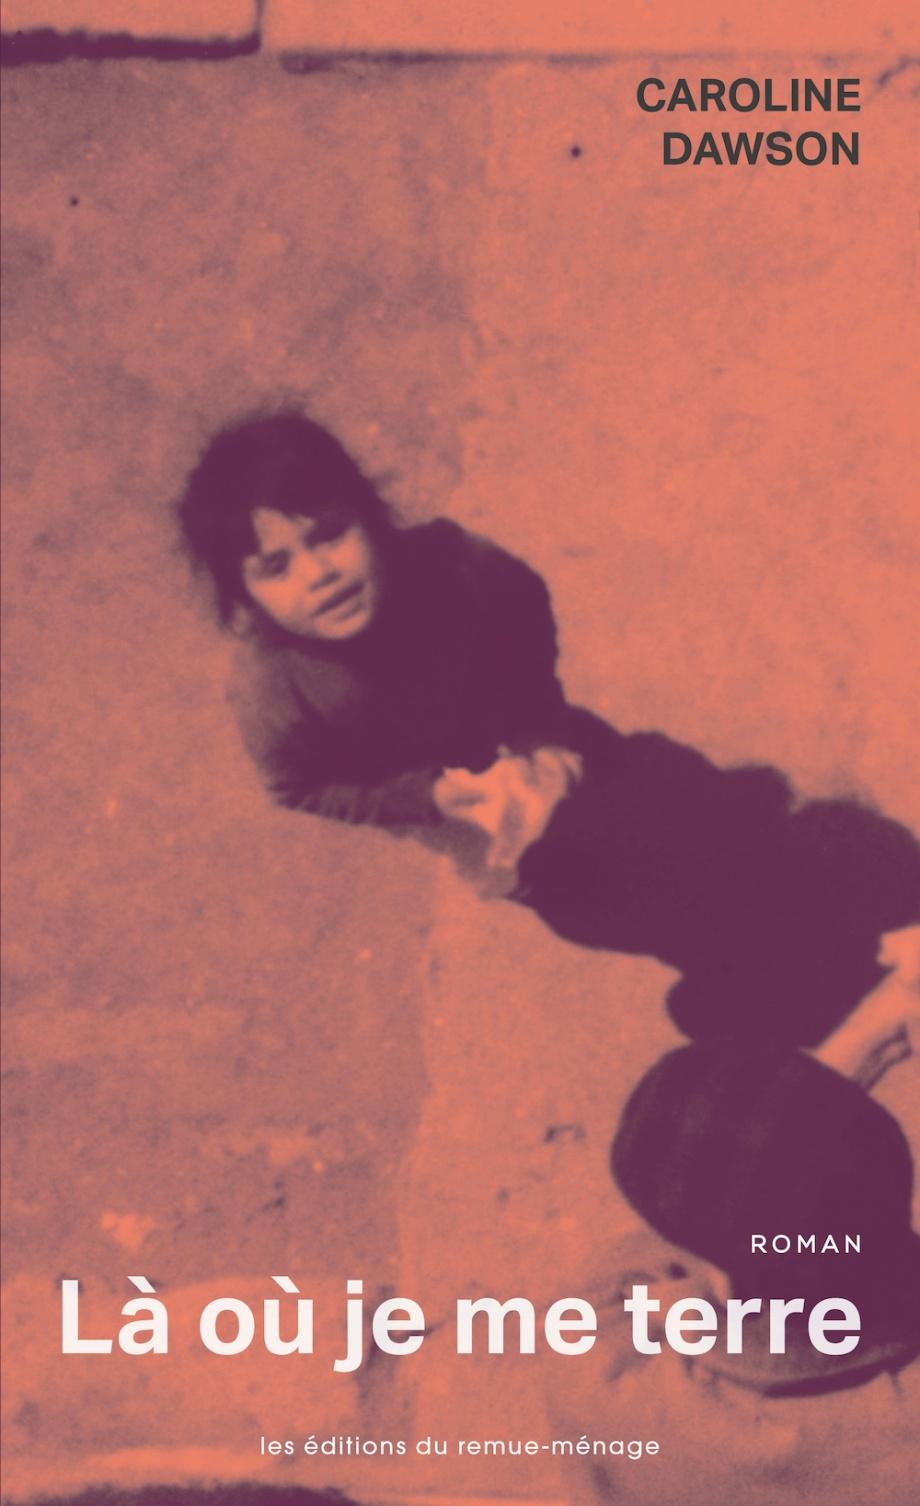 Les Filles De La Terre Et De L'eau : filles, terre, l'eau, Terre, Caroline, Dawson, Littérature, Roman, Québécois, Leslibraires.ca